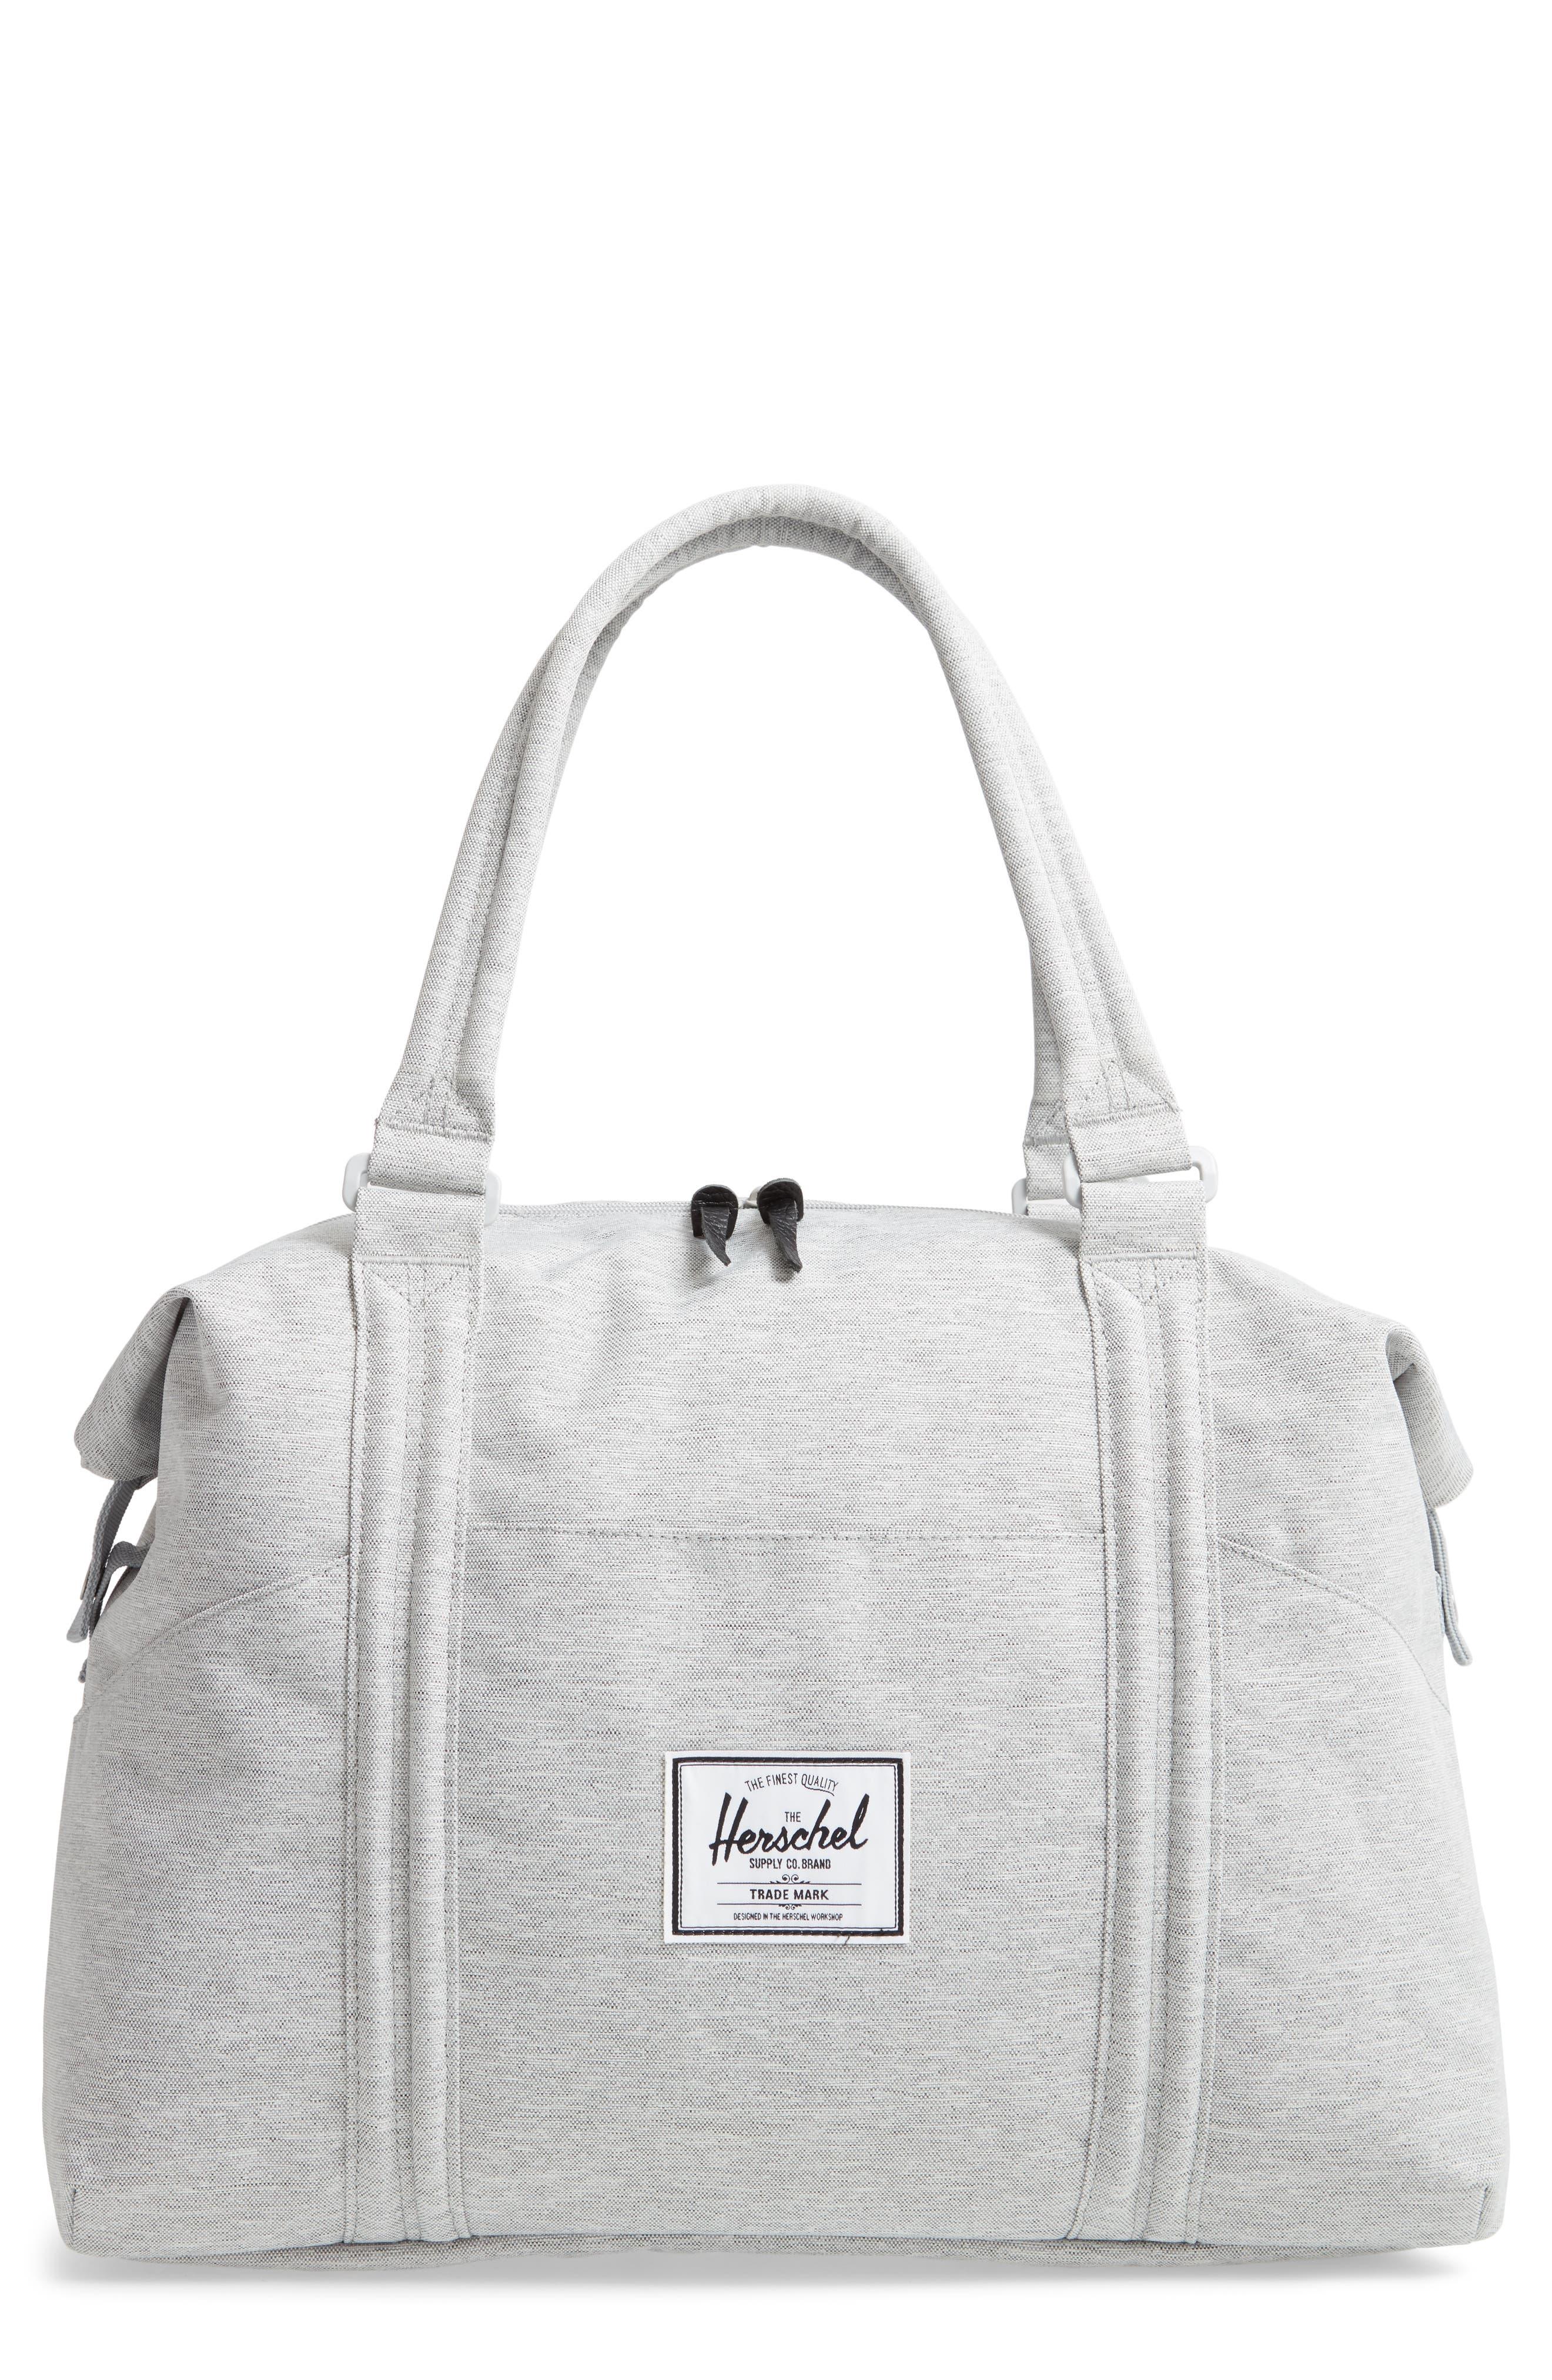 Strand Duffle Bag, Main, color, LIGHT GREY CROSSHATCH